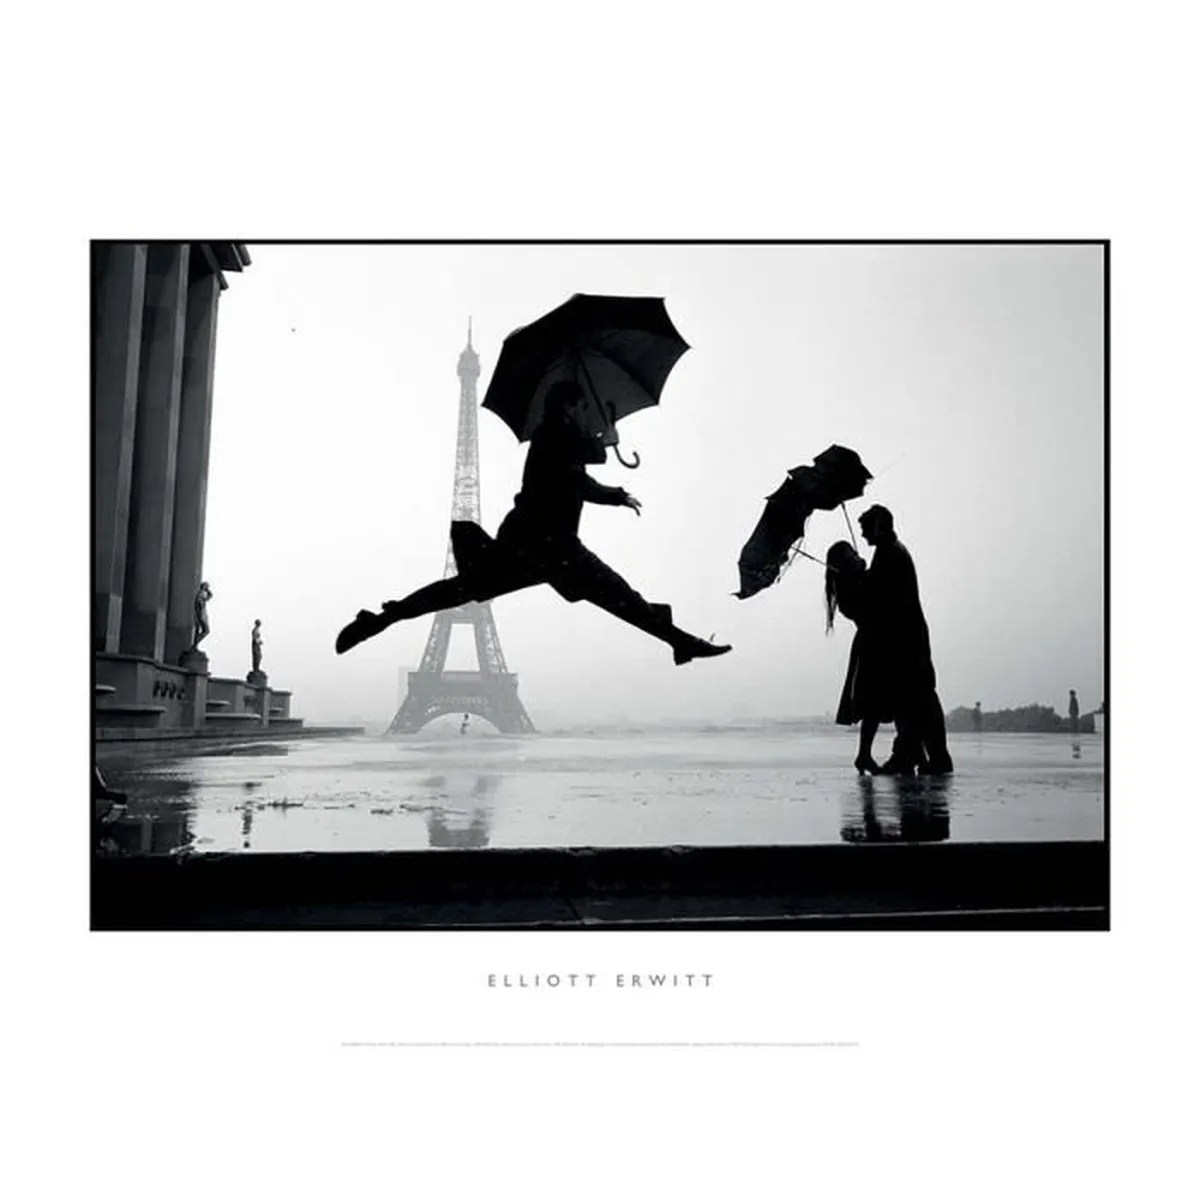 Affiche Noir Et Blanc Paris 1989 Elliot Erwitt Achat Vente Tableau Toile Cdiscount